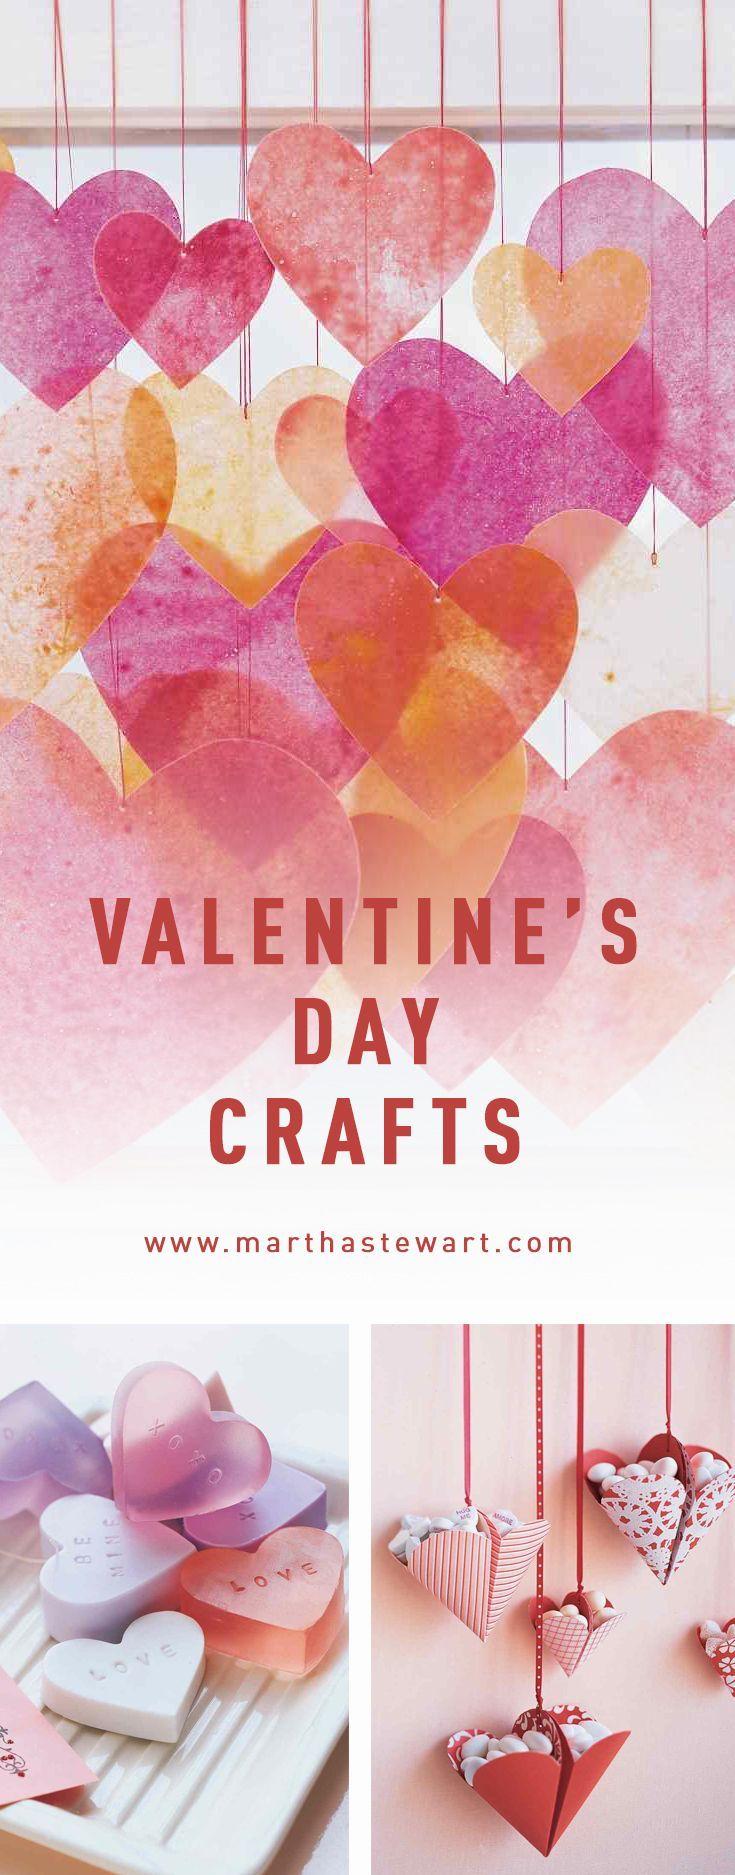 Valentine's Day Crafts | Martha Stewart Living - Show your valentine some DIY love with these heartfelt crafts.